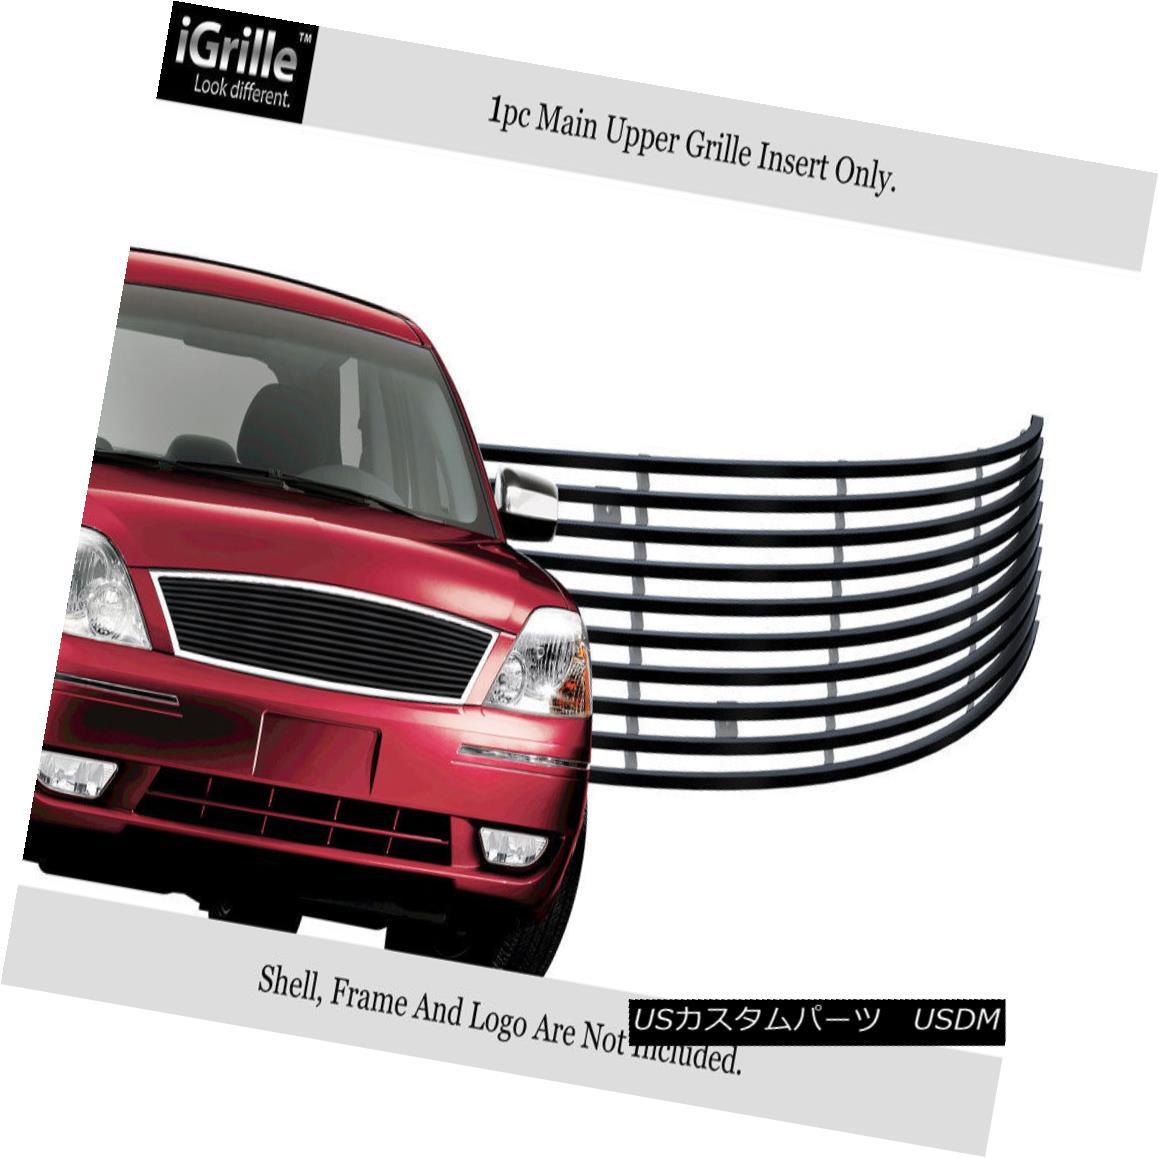 グリル Fits 2005-2007 Ford Five Hundred Stainless Black Billet Grille with Logo Covered 2005-2007 Ford Five Hundred Stainless Black Billetグリル(ロゴ付き)